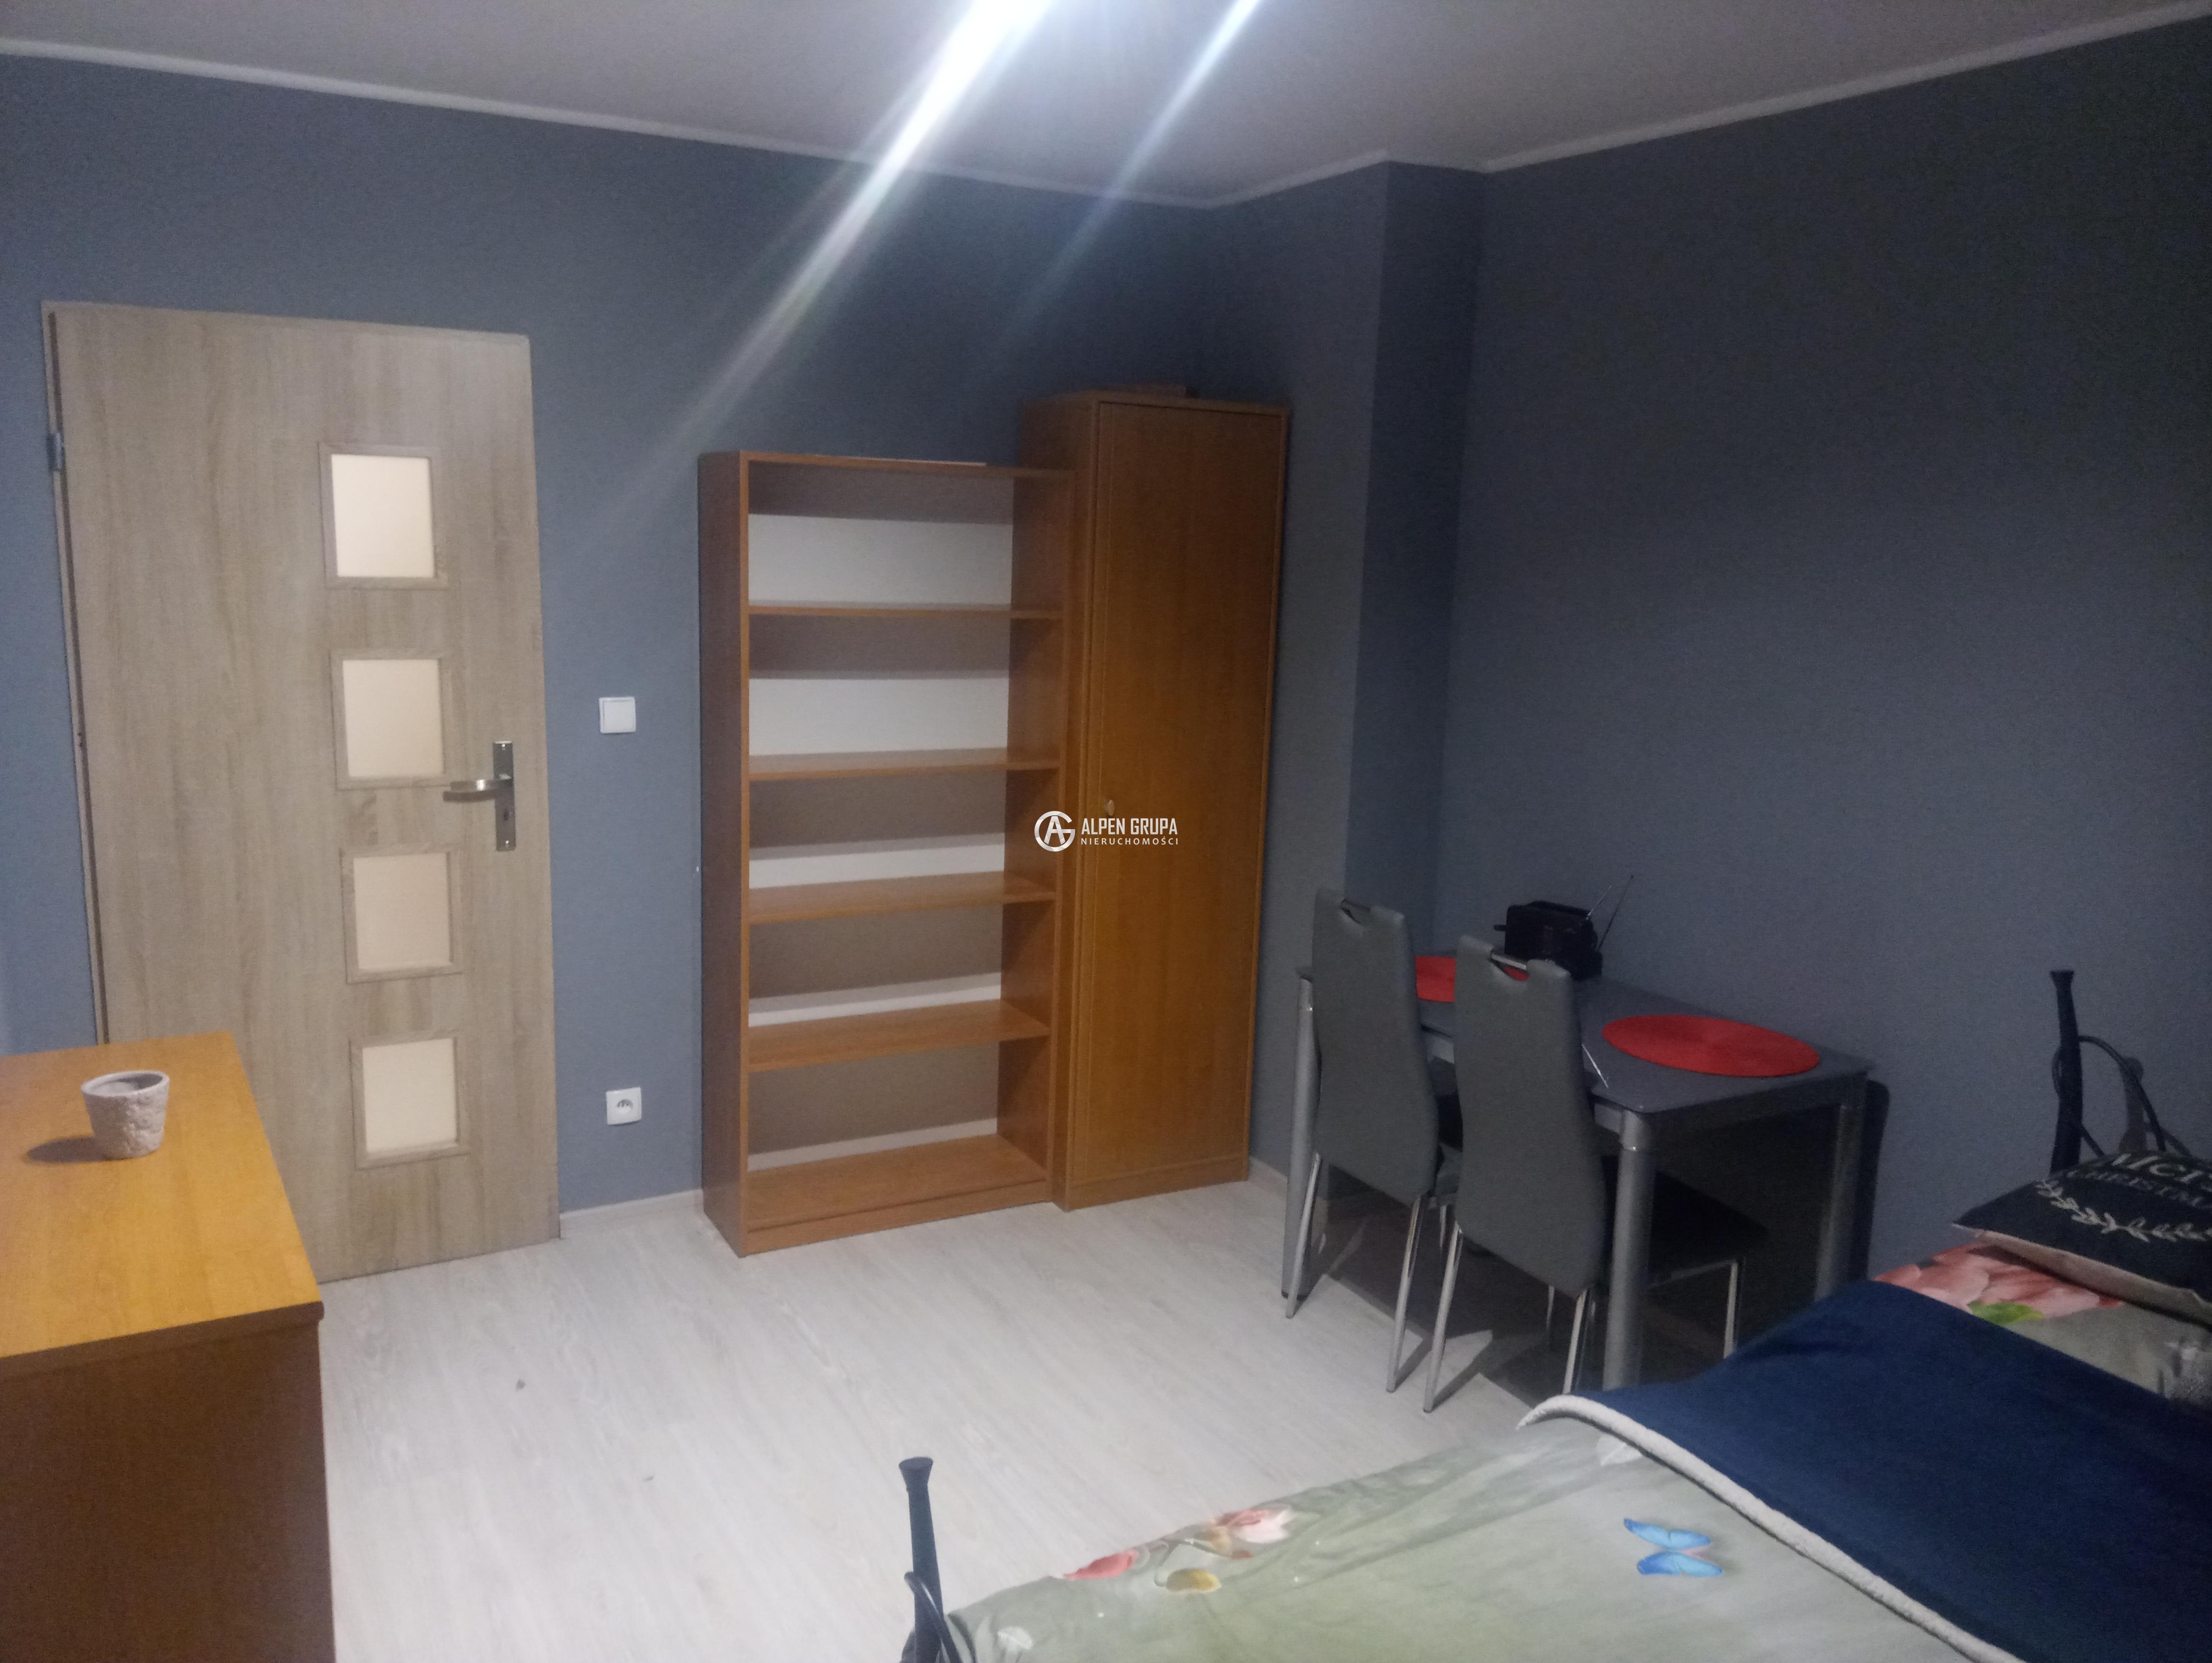 Zadbane mieszkanie 2-pokojowe 52 m2. Dobra cena!